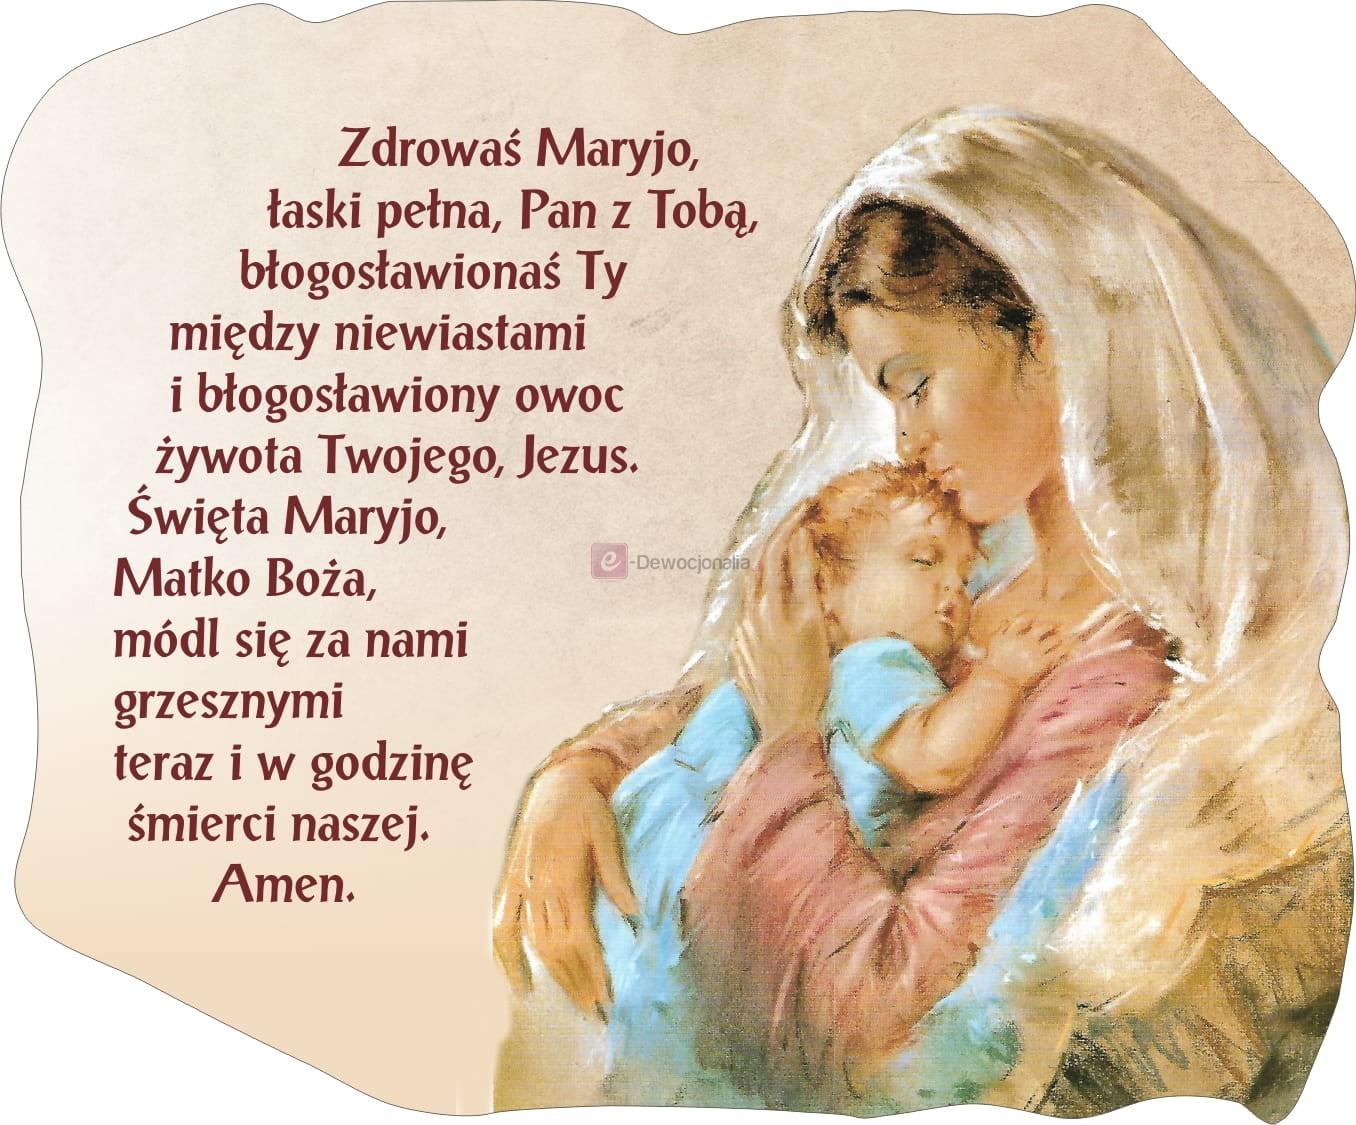 MAGNES - Zdrowaś Maryjo 11x9cm Dewocjonalia Sklep Internetowy - Chrzest &  Komunia